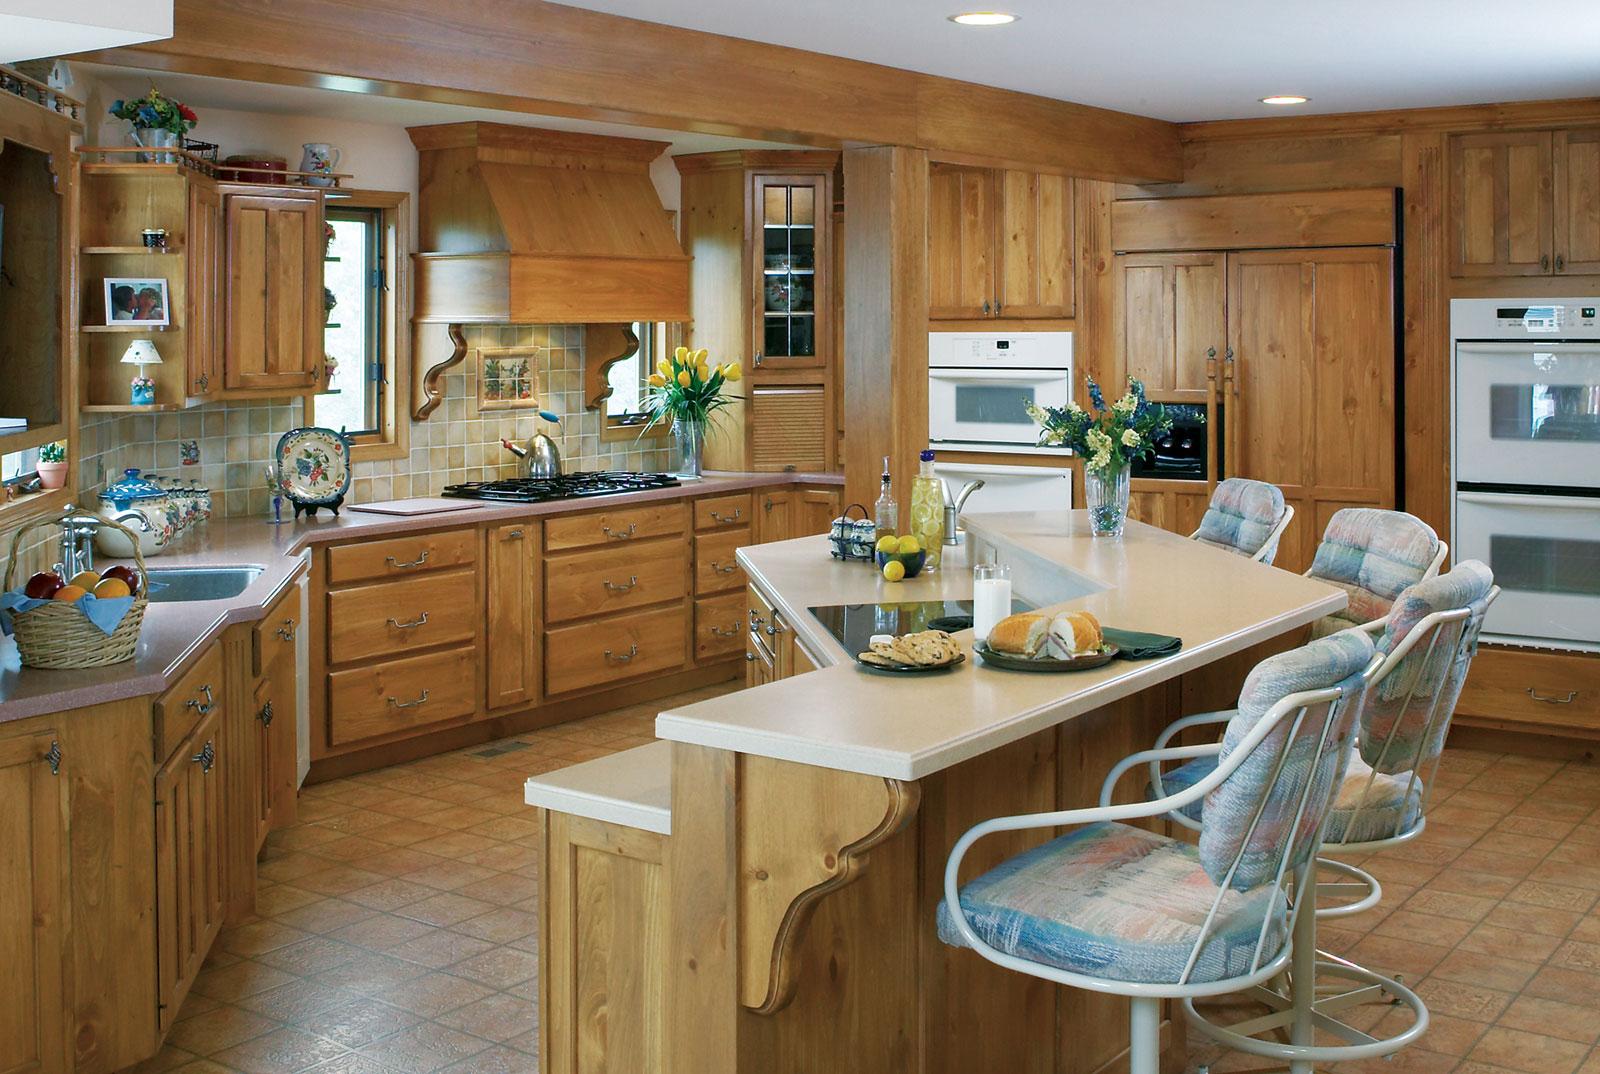 Owl Kitchen Decor Photo 12